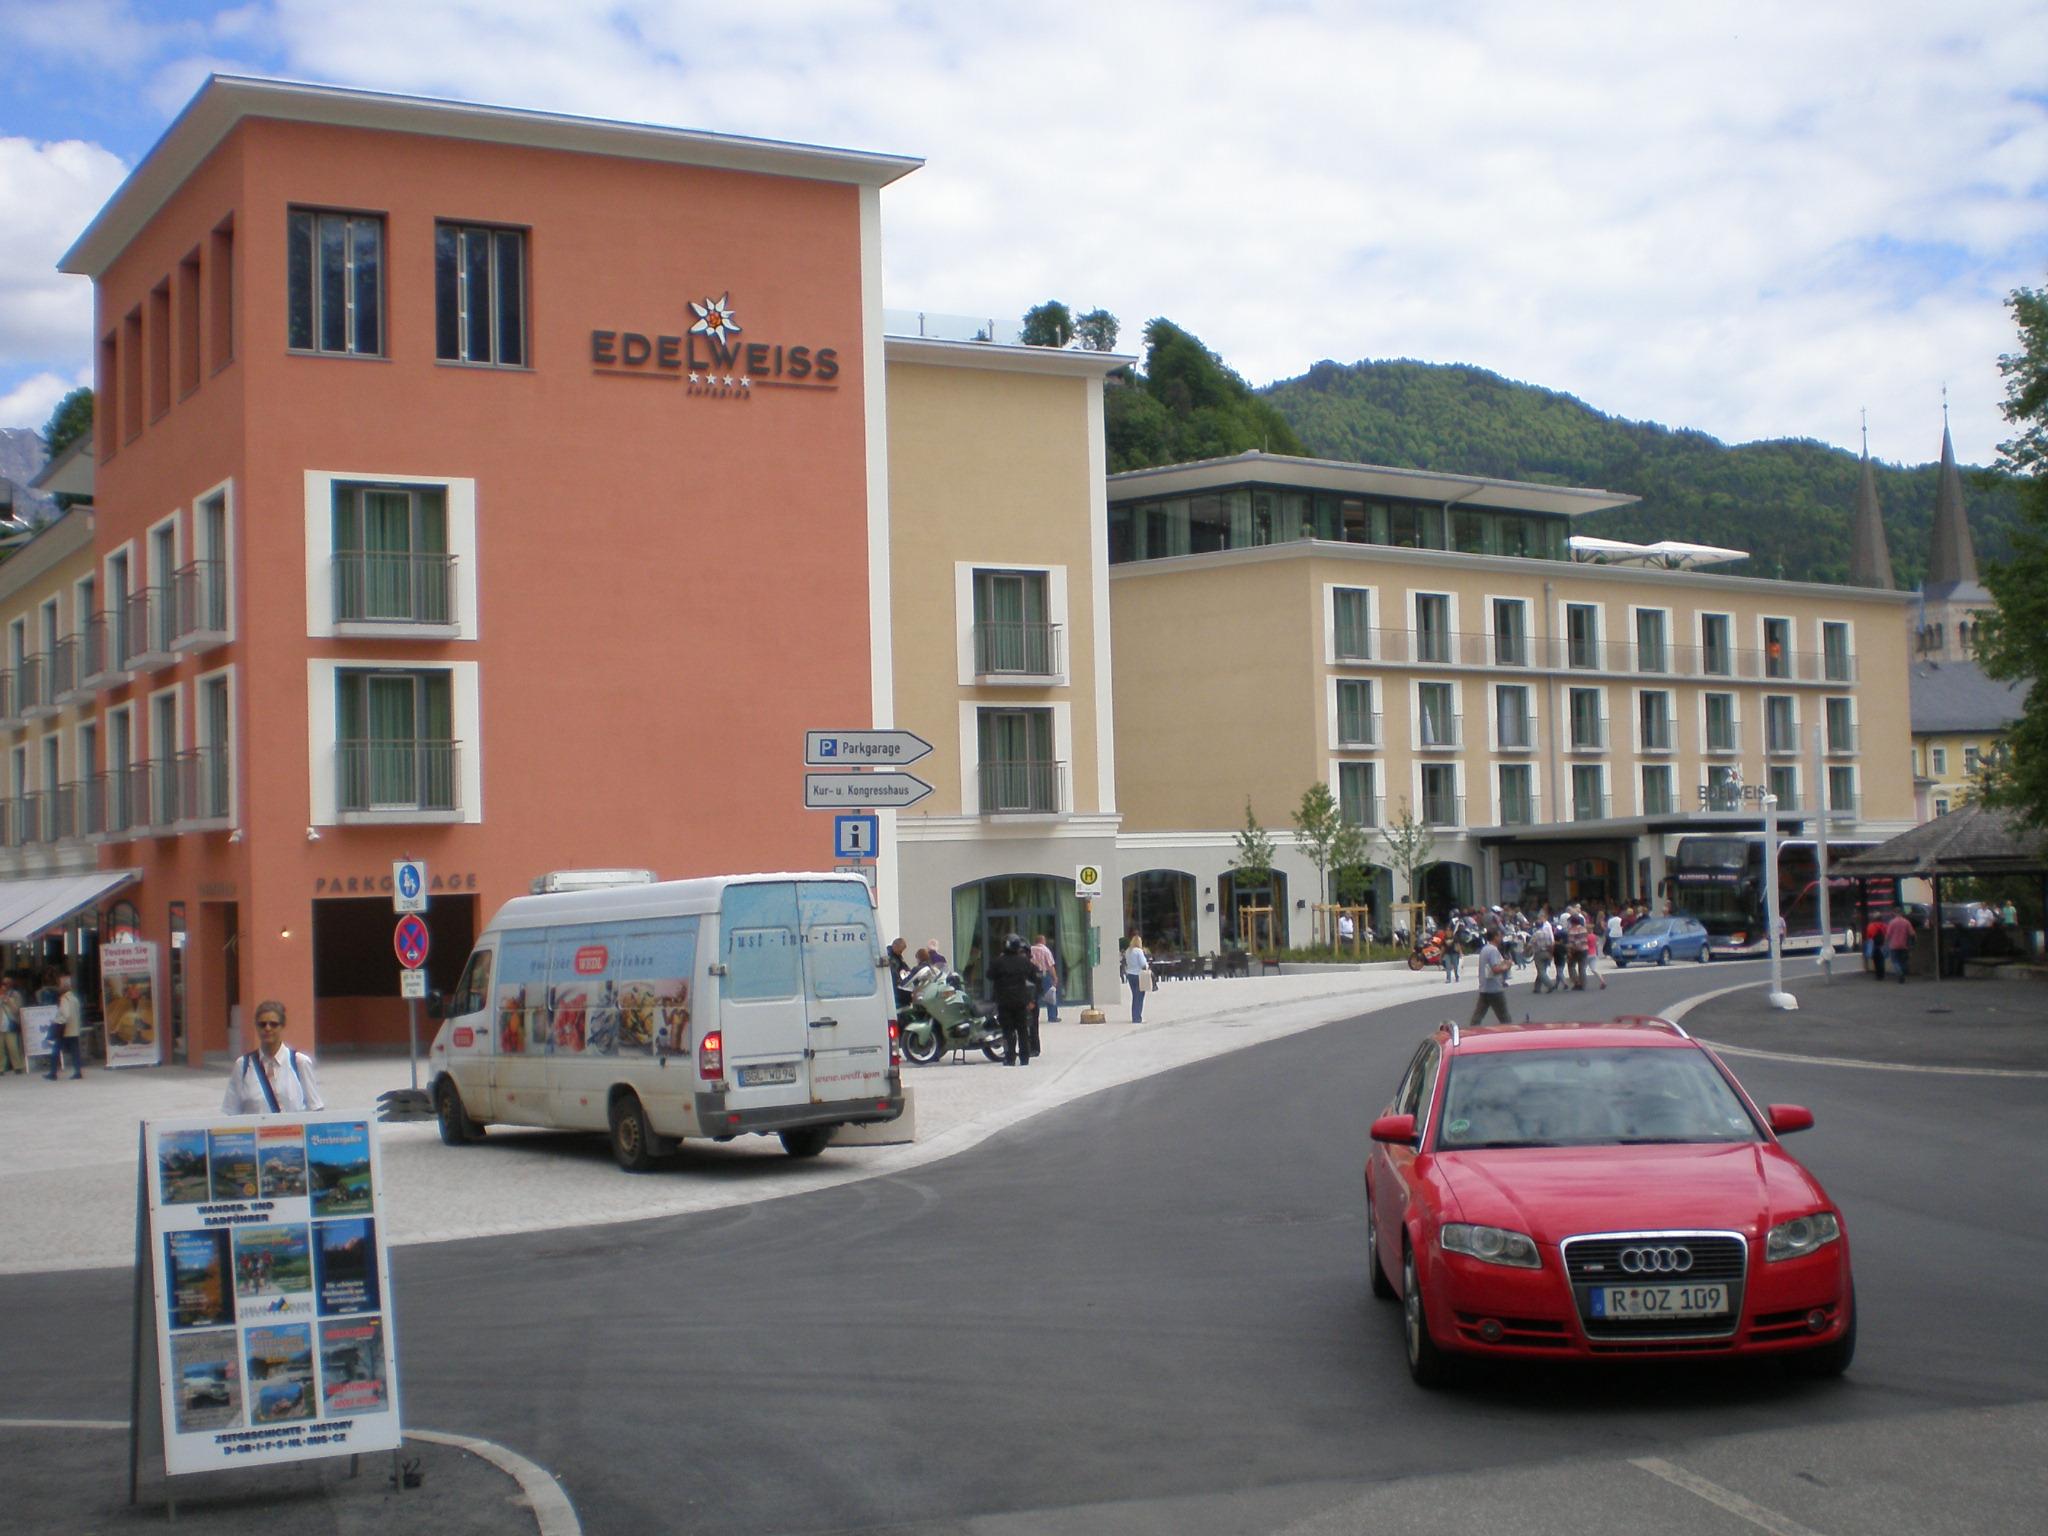 Hotel Edelweiss Bad Reichenhall